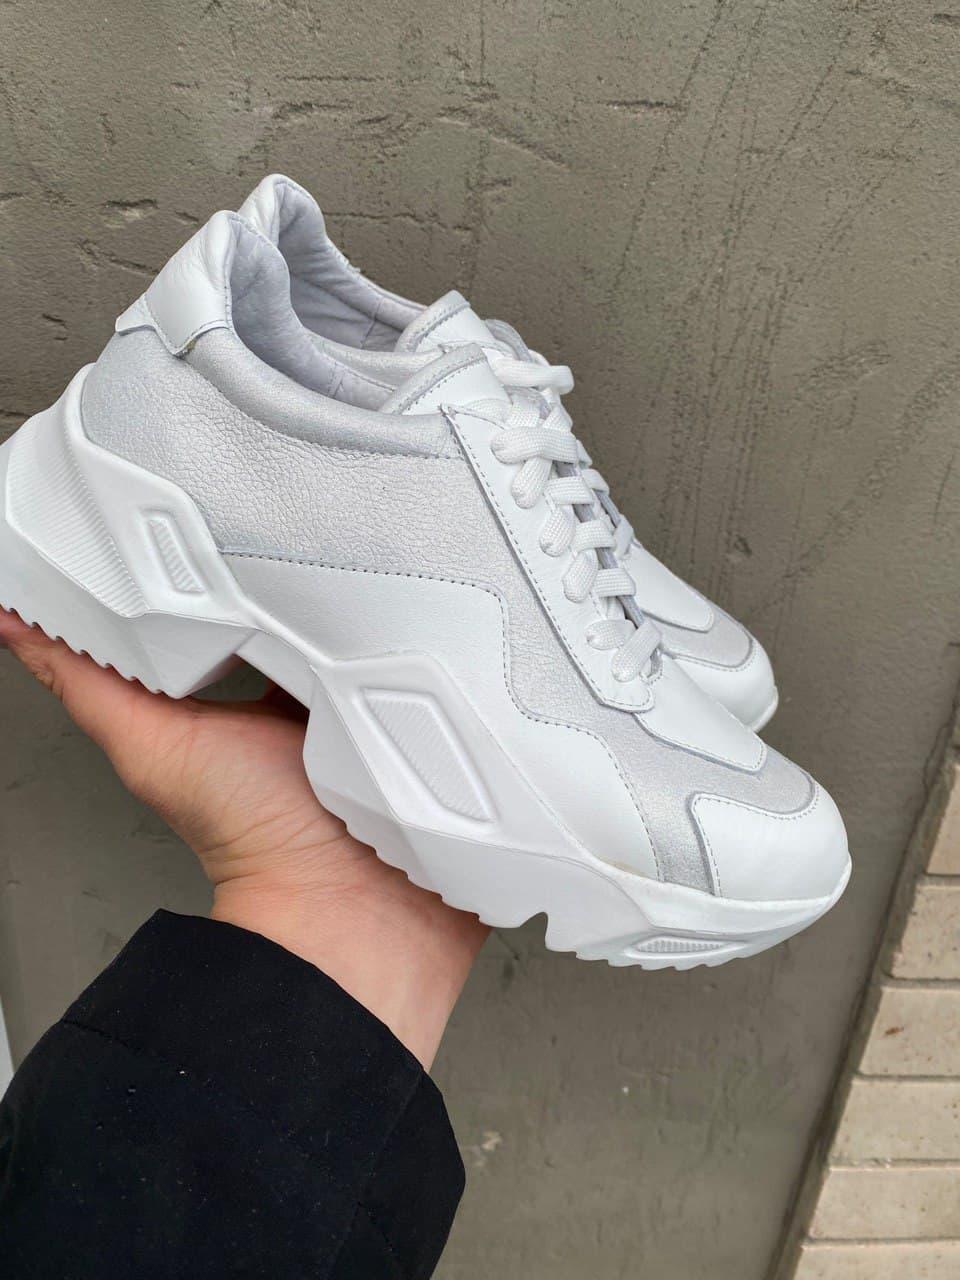 Женские кроссовки кожаные весна/осень белые-серые Obr 21132 White Edition